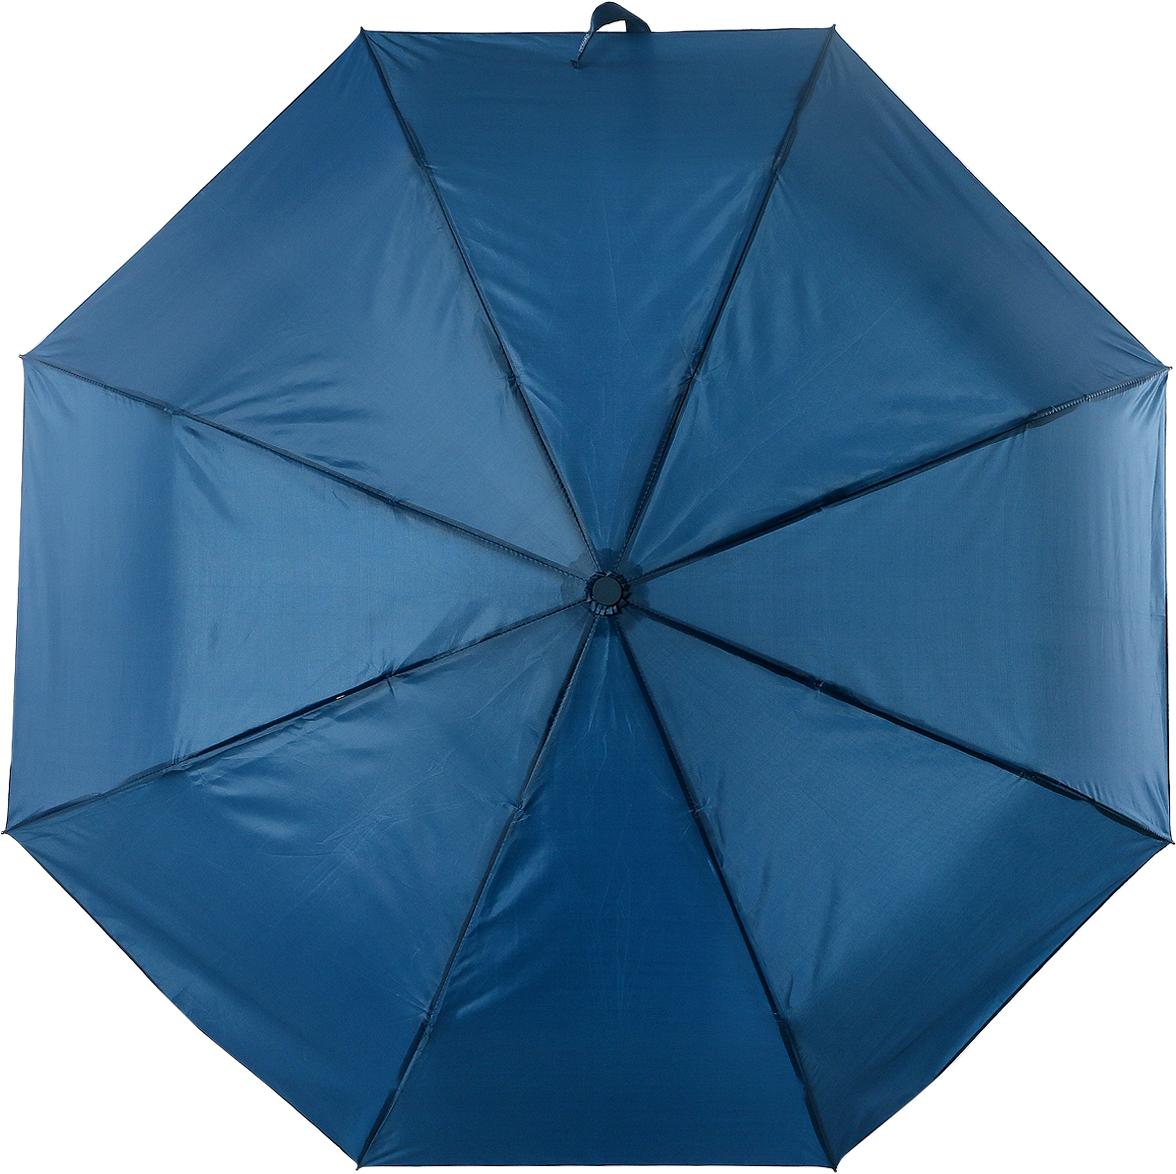 Зонт женский Torm, цвет: синий. 3731-02Колье (короткие одноярусные бусы)Классический женский зонт в 3 сложения полный автомат. Удобная ручка выполнена из пластика. Модель зонта выполнена в стандартном размере, оснащена системой Антиветер. Этот стильный аксессуар поместится практически в любую женскую сумочку благодаря своим небольшим размерам.